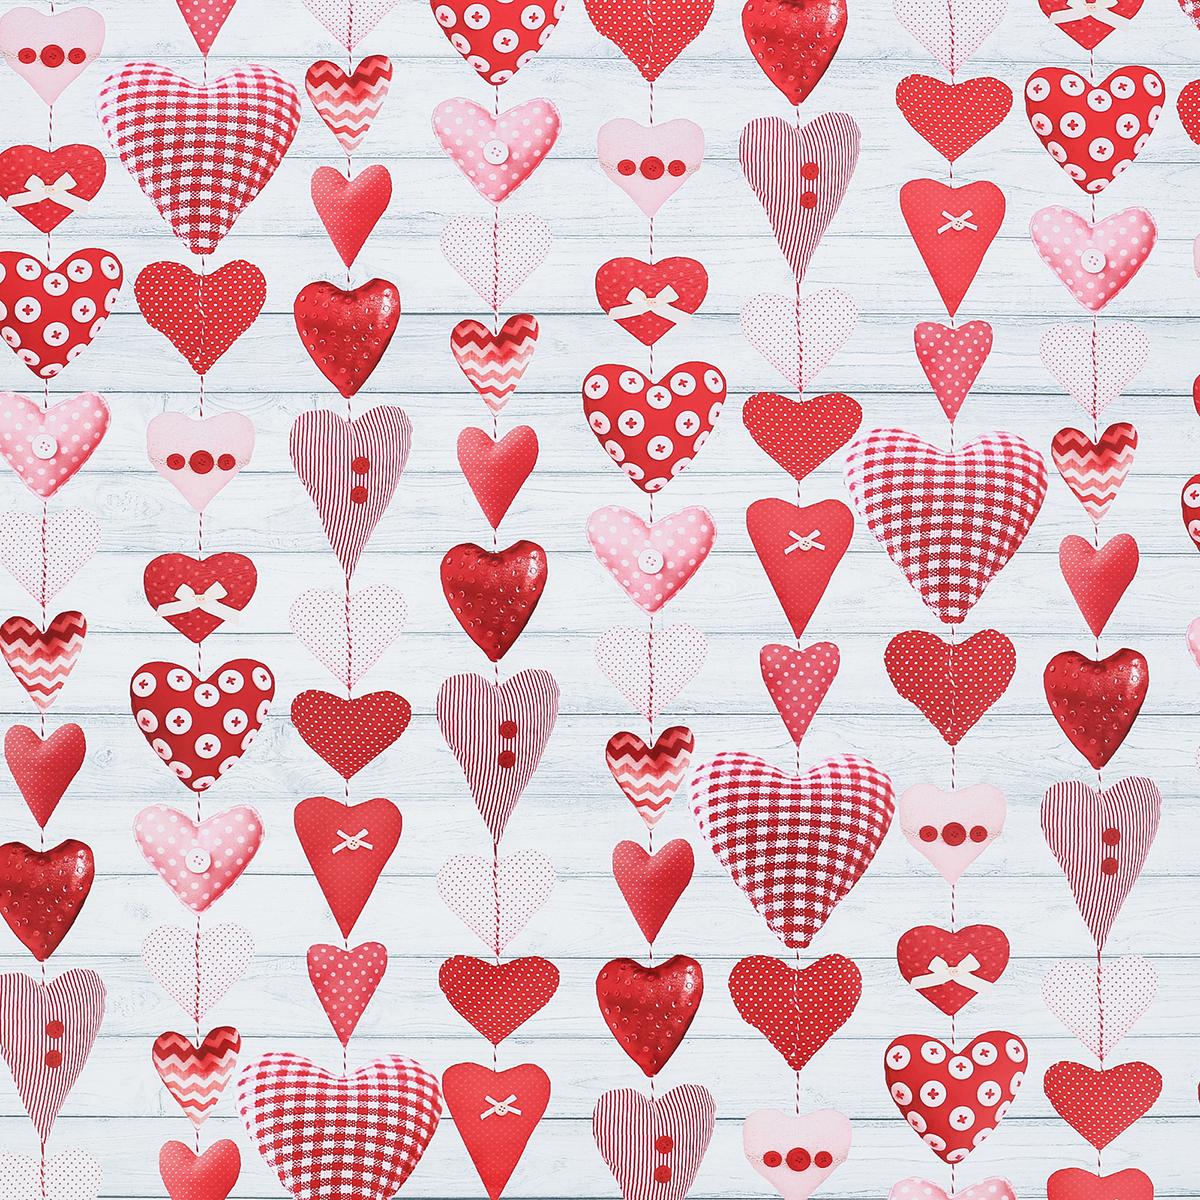 Бумага упаковочная Дарите счастье Сердечки хенд-мейд, глянцевая, 70 х 100 см. 2862091 в минске интернет магазин детскую одежду секонд хенд